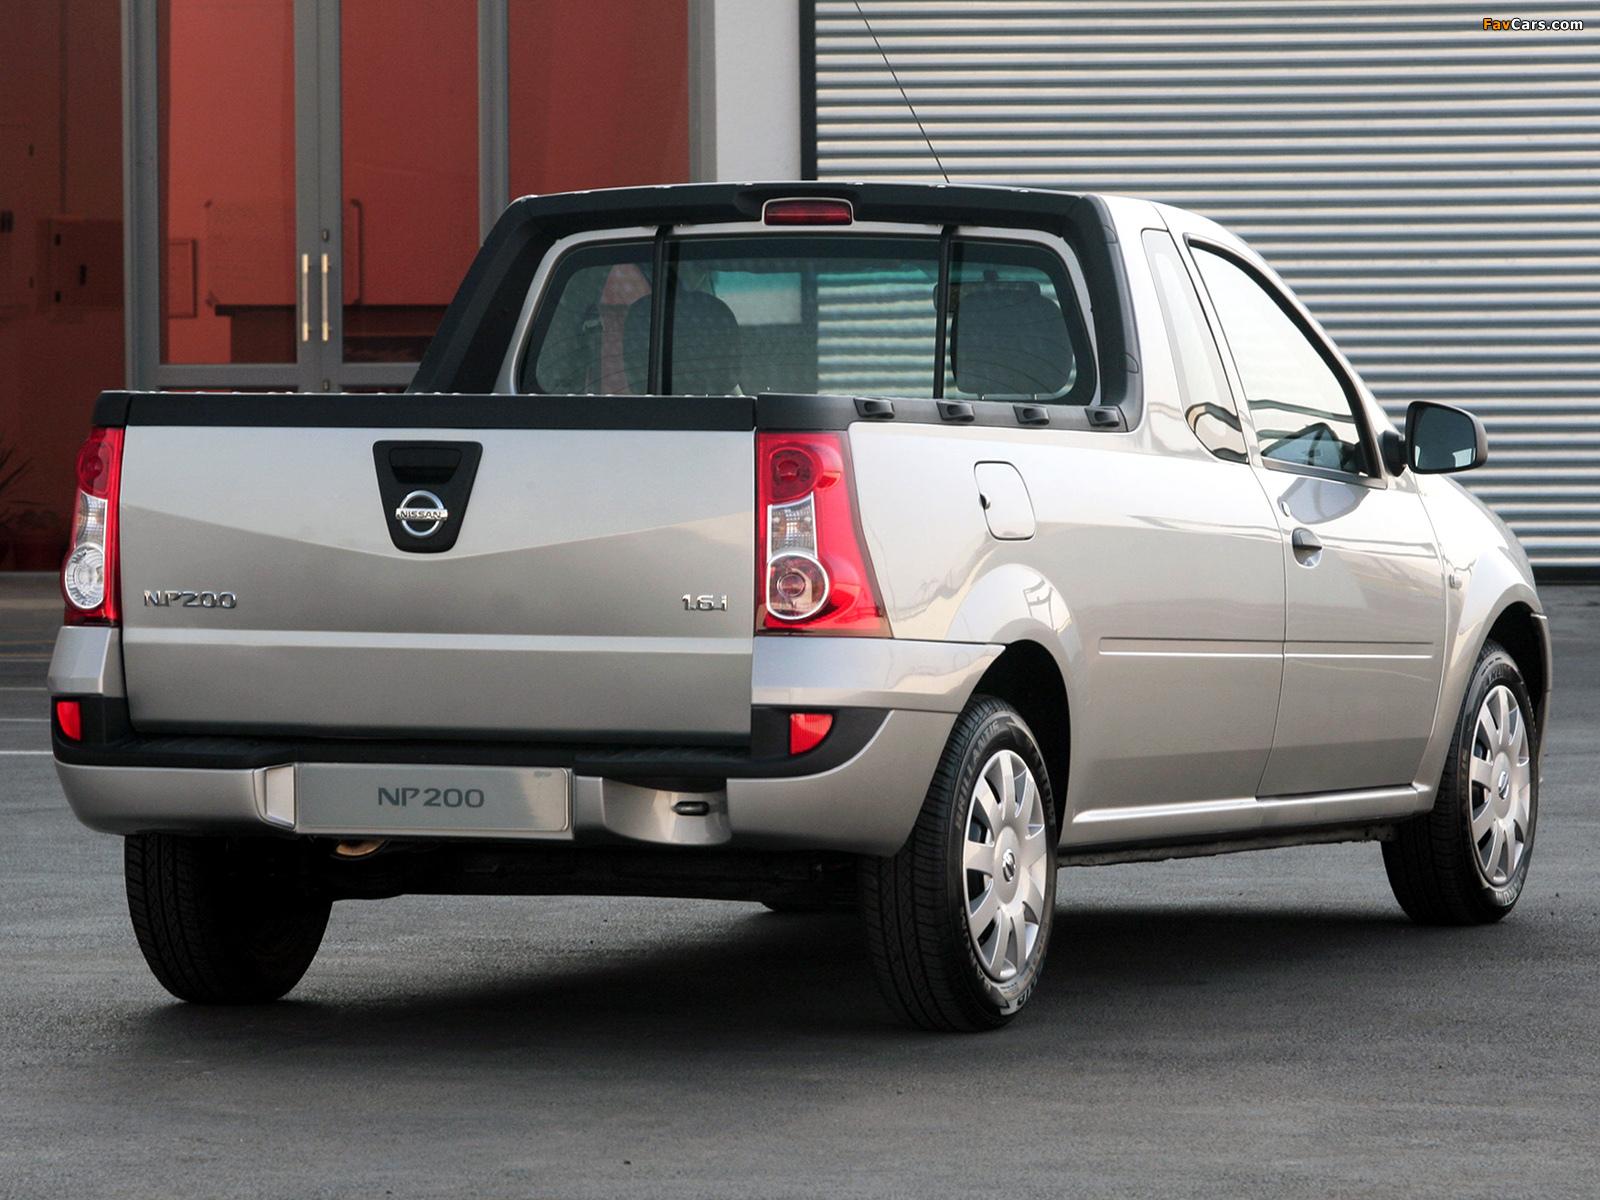 Nissan_NP_200